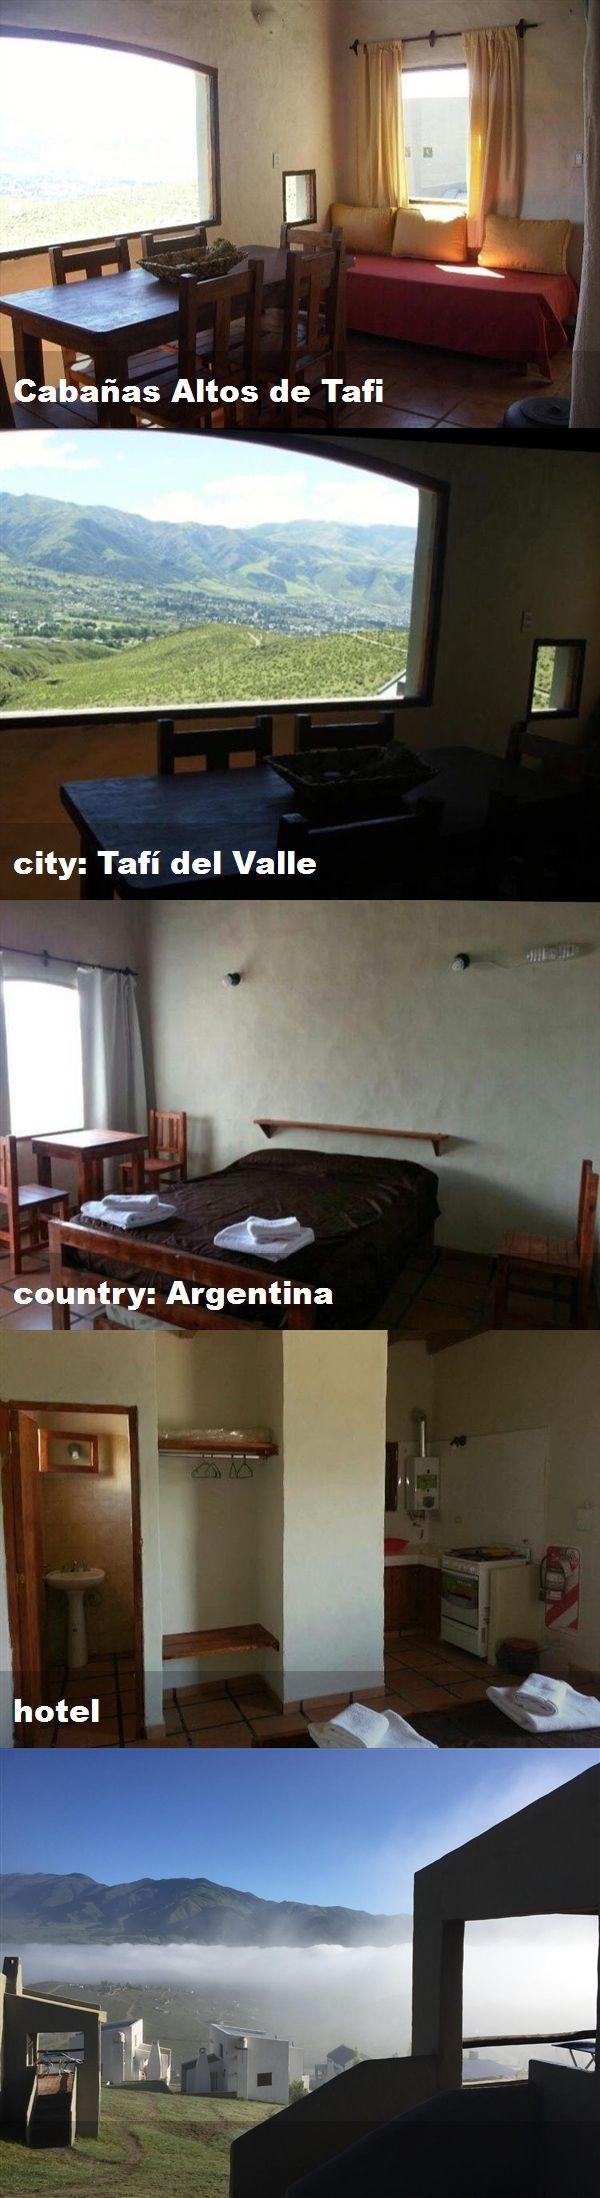 Cabañas Altos de Tafi, city Tafí del Valle, country